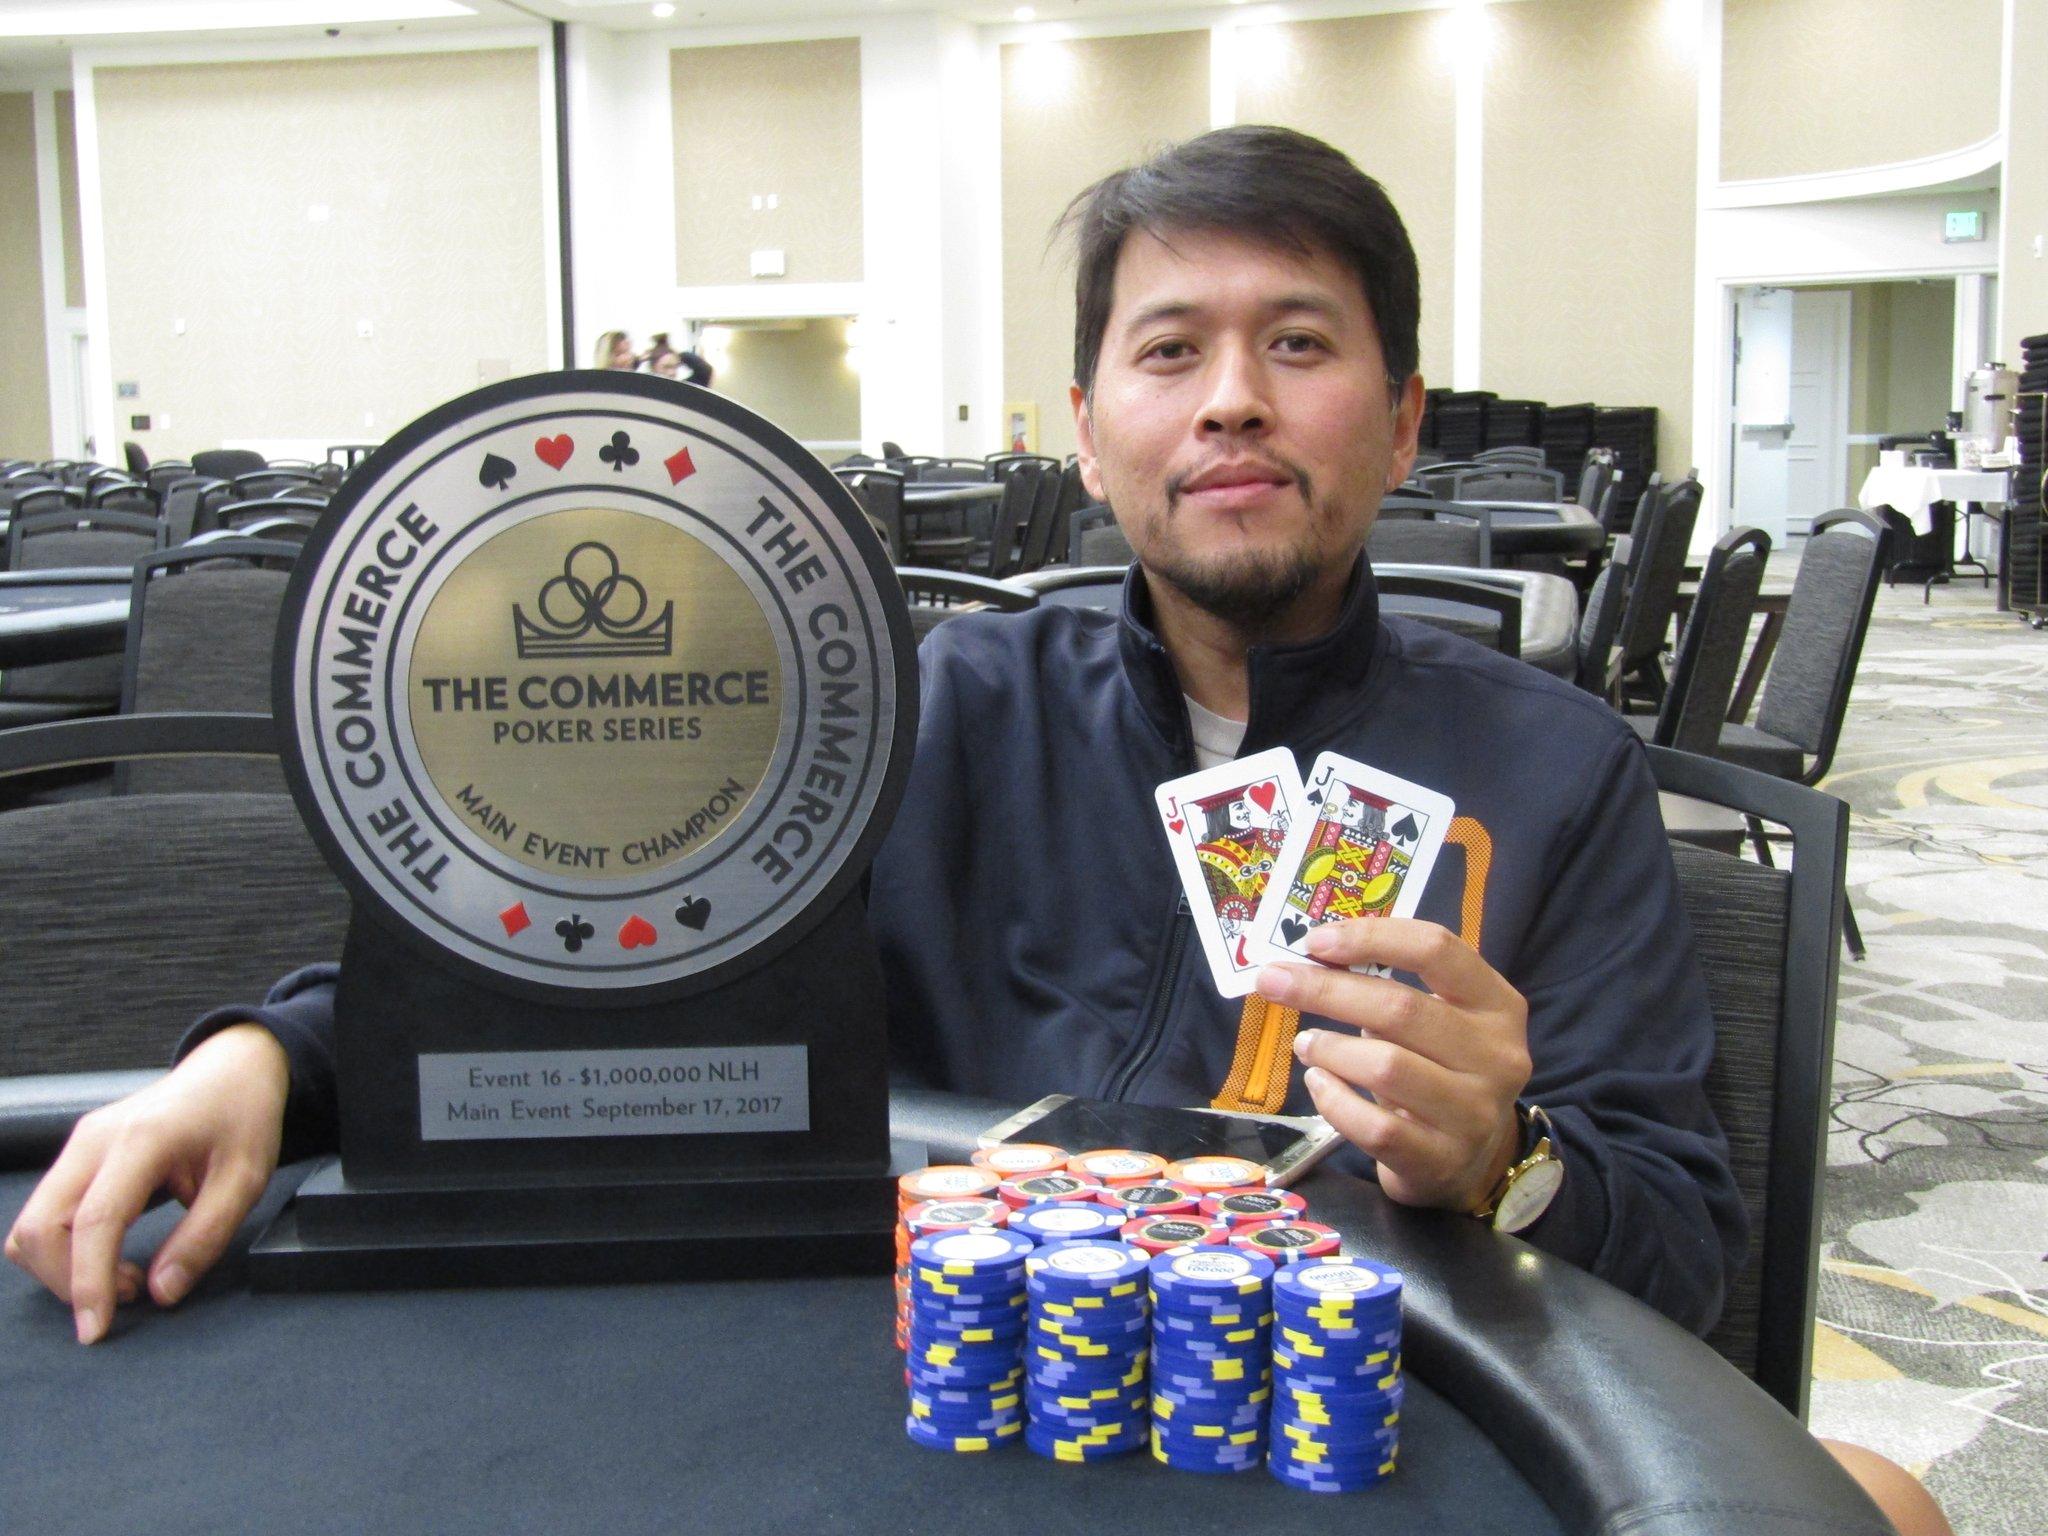 Commerce casino poker lessons casino princesa and miami